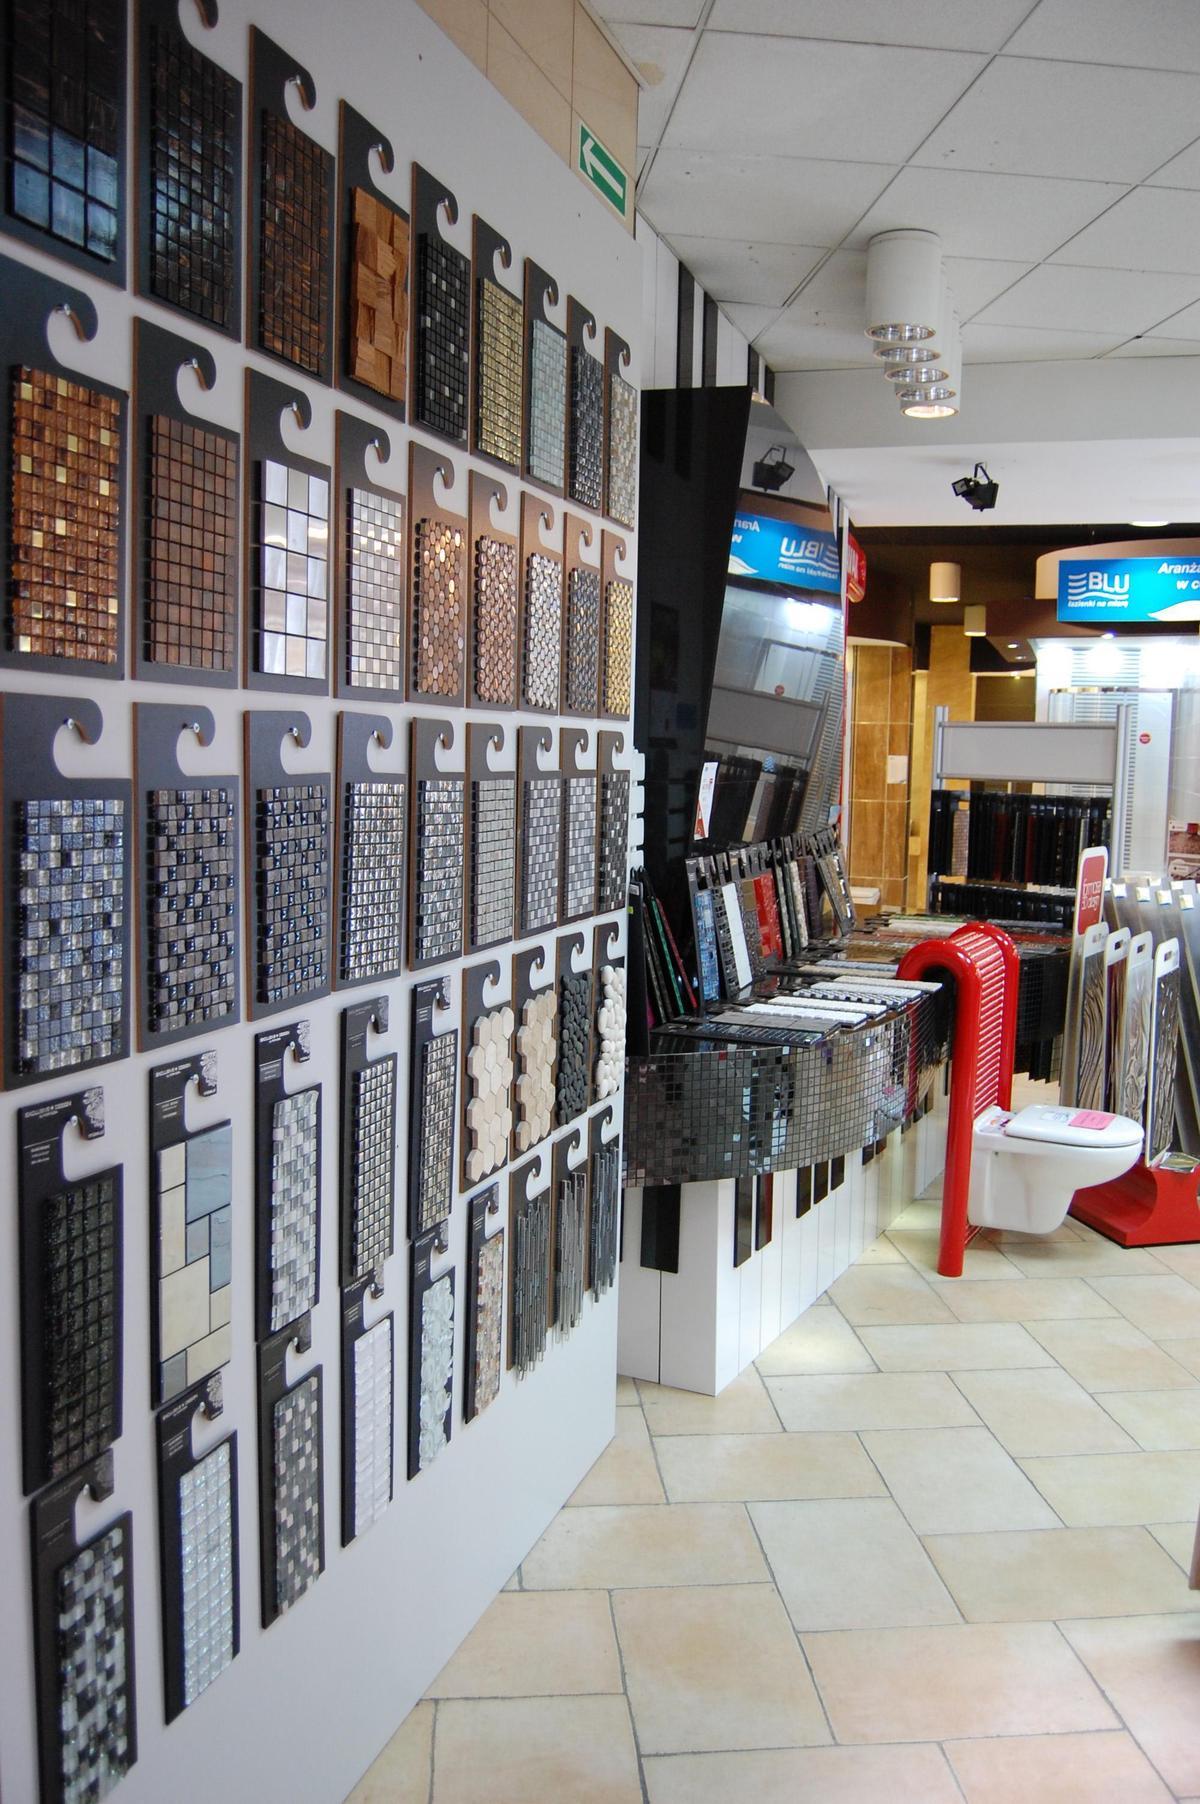 Największy wybór mozaiki szklanej, kamiennej - BLU Nowy Sącz - zdjęcie od BLU salon łazienek Nowy Sącz